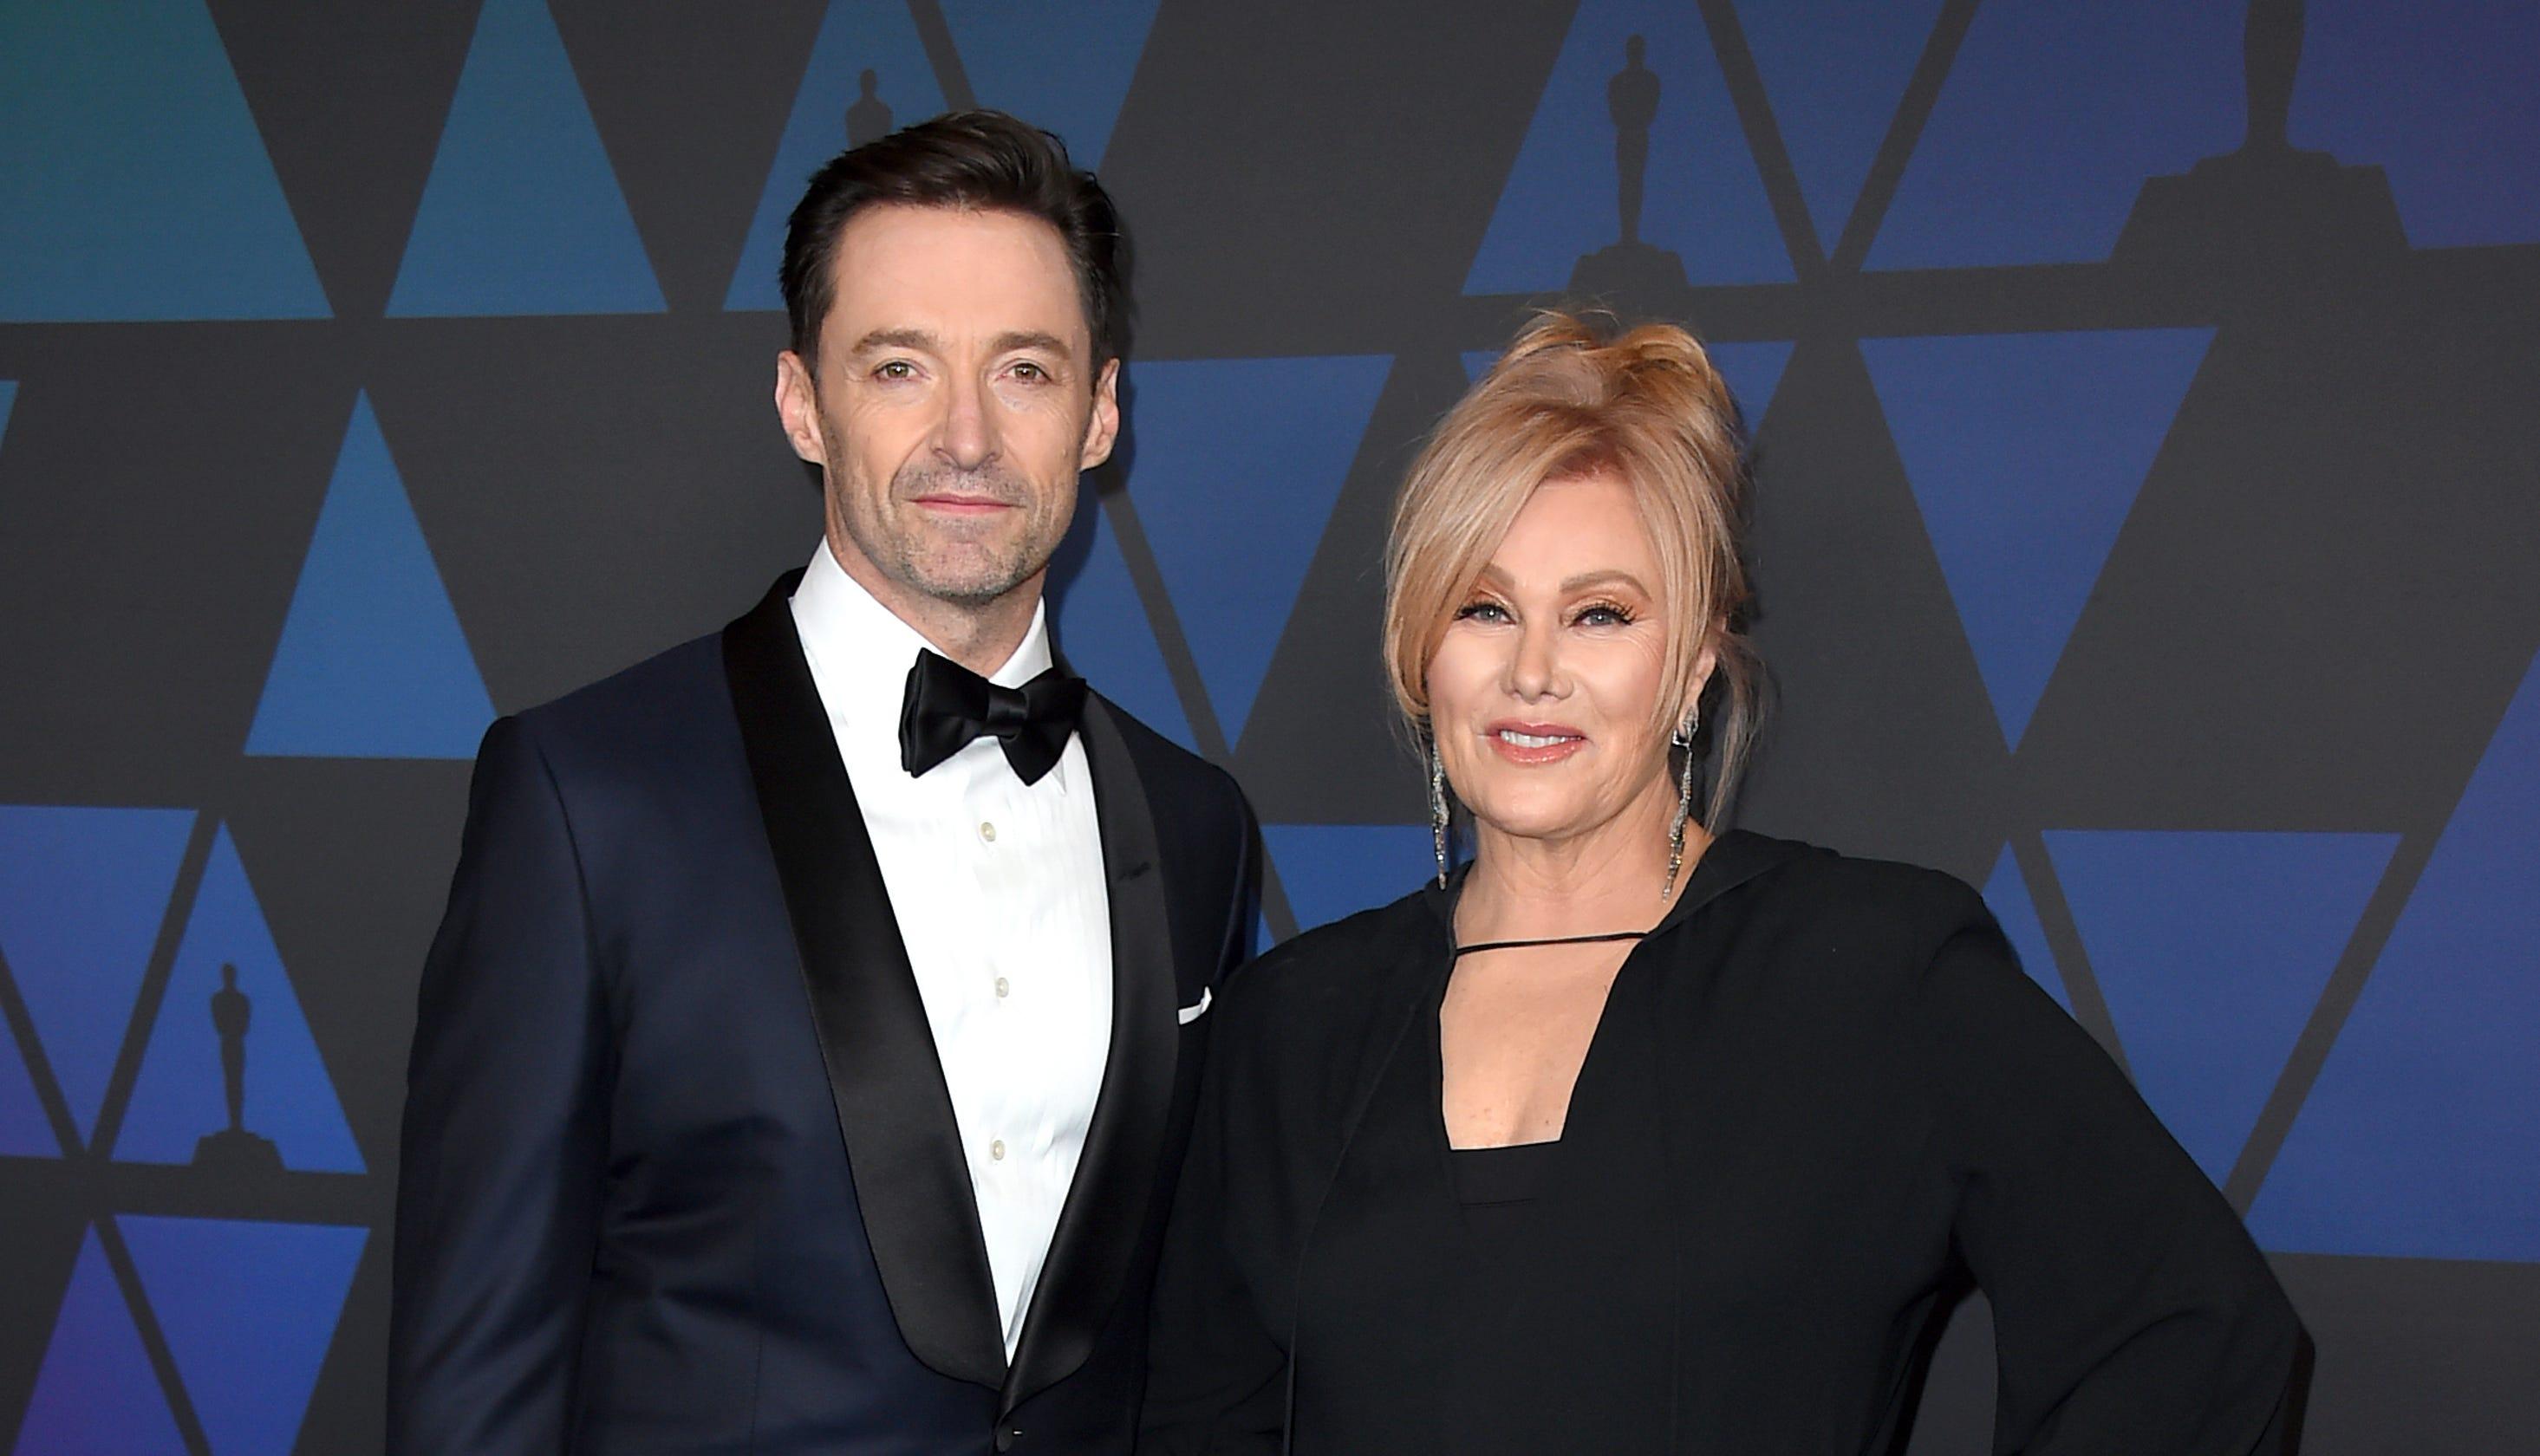 Hugh Jackman says wife Deborra-Lee Furness tried to leave him